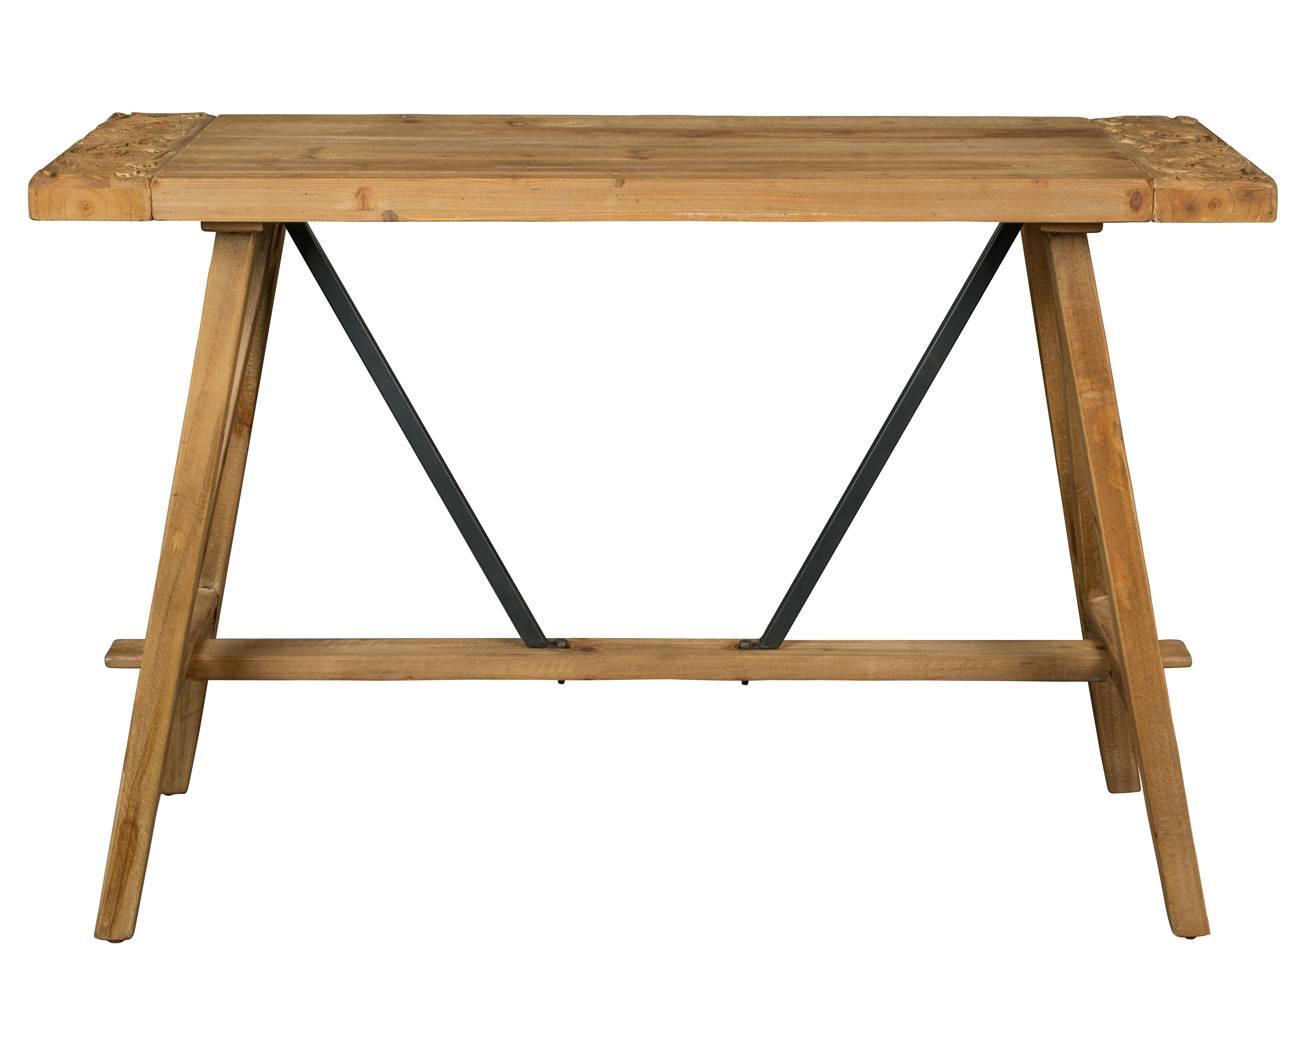 Bureau Metallique Industriel Vintage console bureau dustin dutchbone meuble rectangulaire design